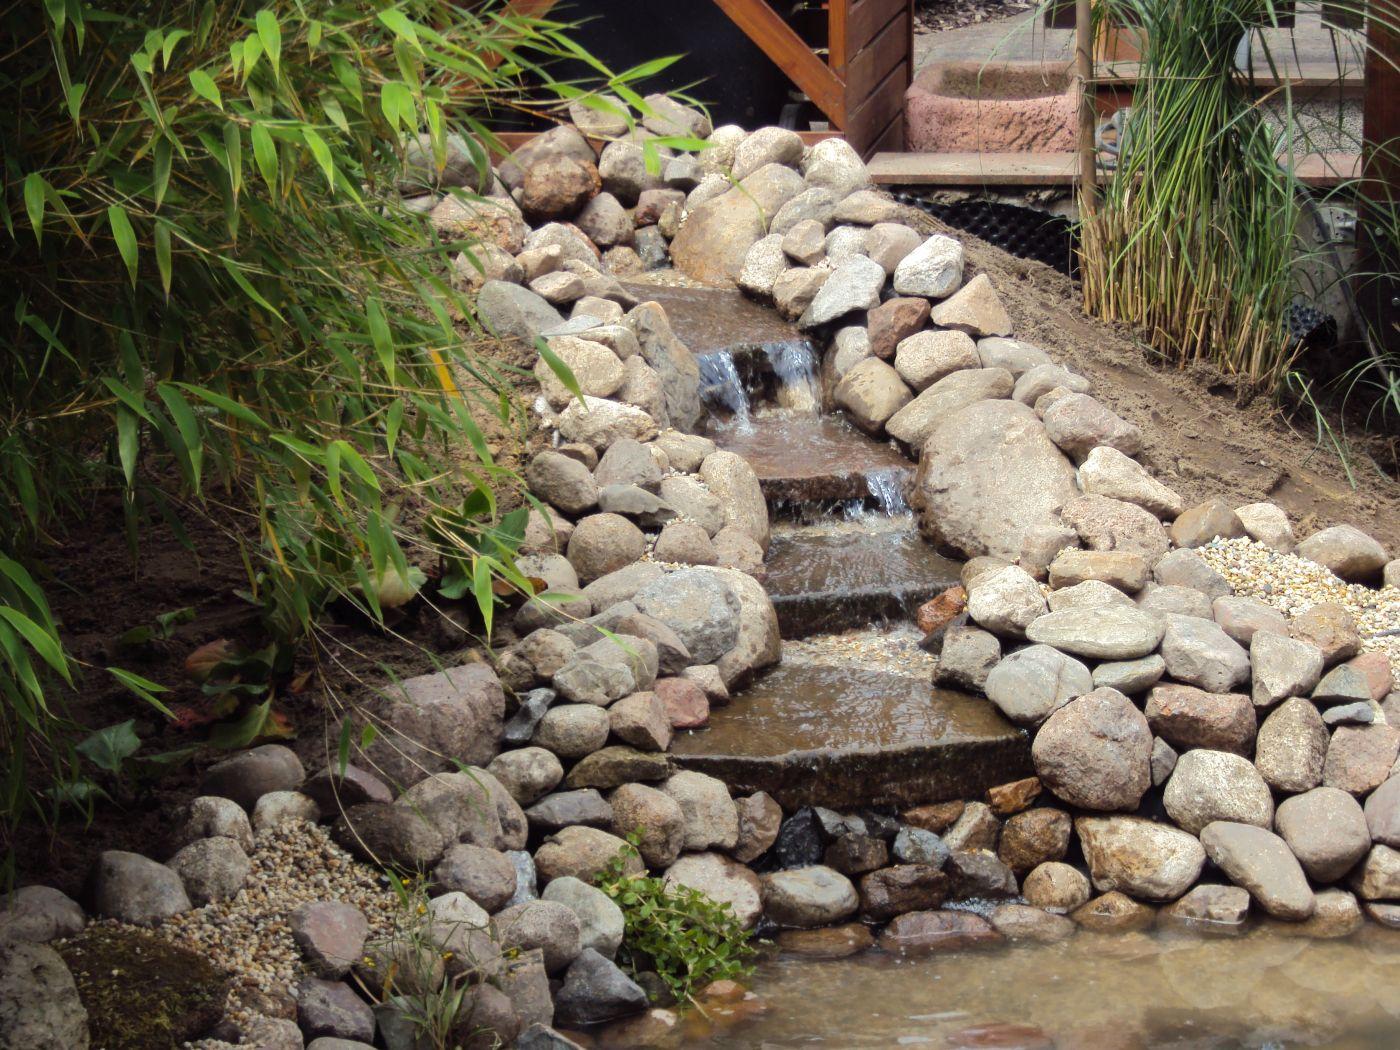 wasserspiele, springbrunnen, bachläufe erstellt in lüdinghausen ... - Naturlicher Bachlauf Garten